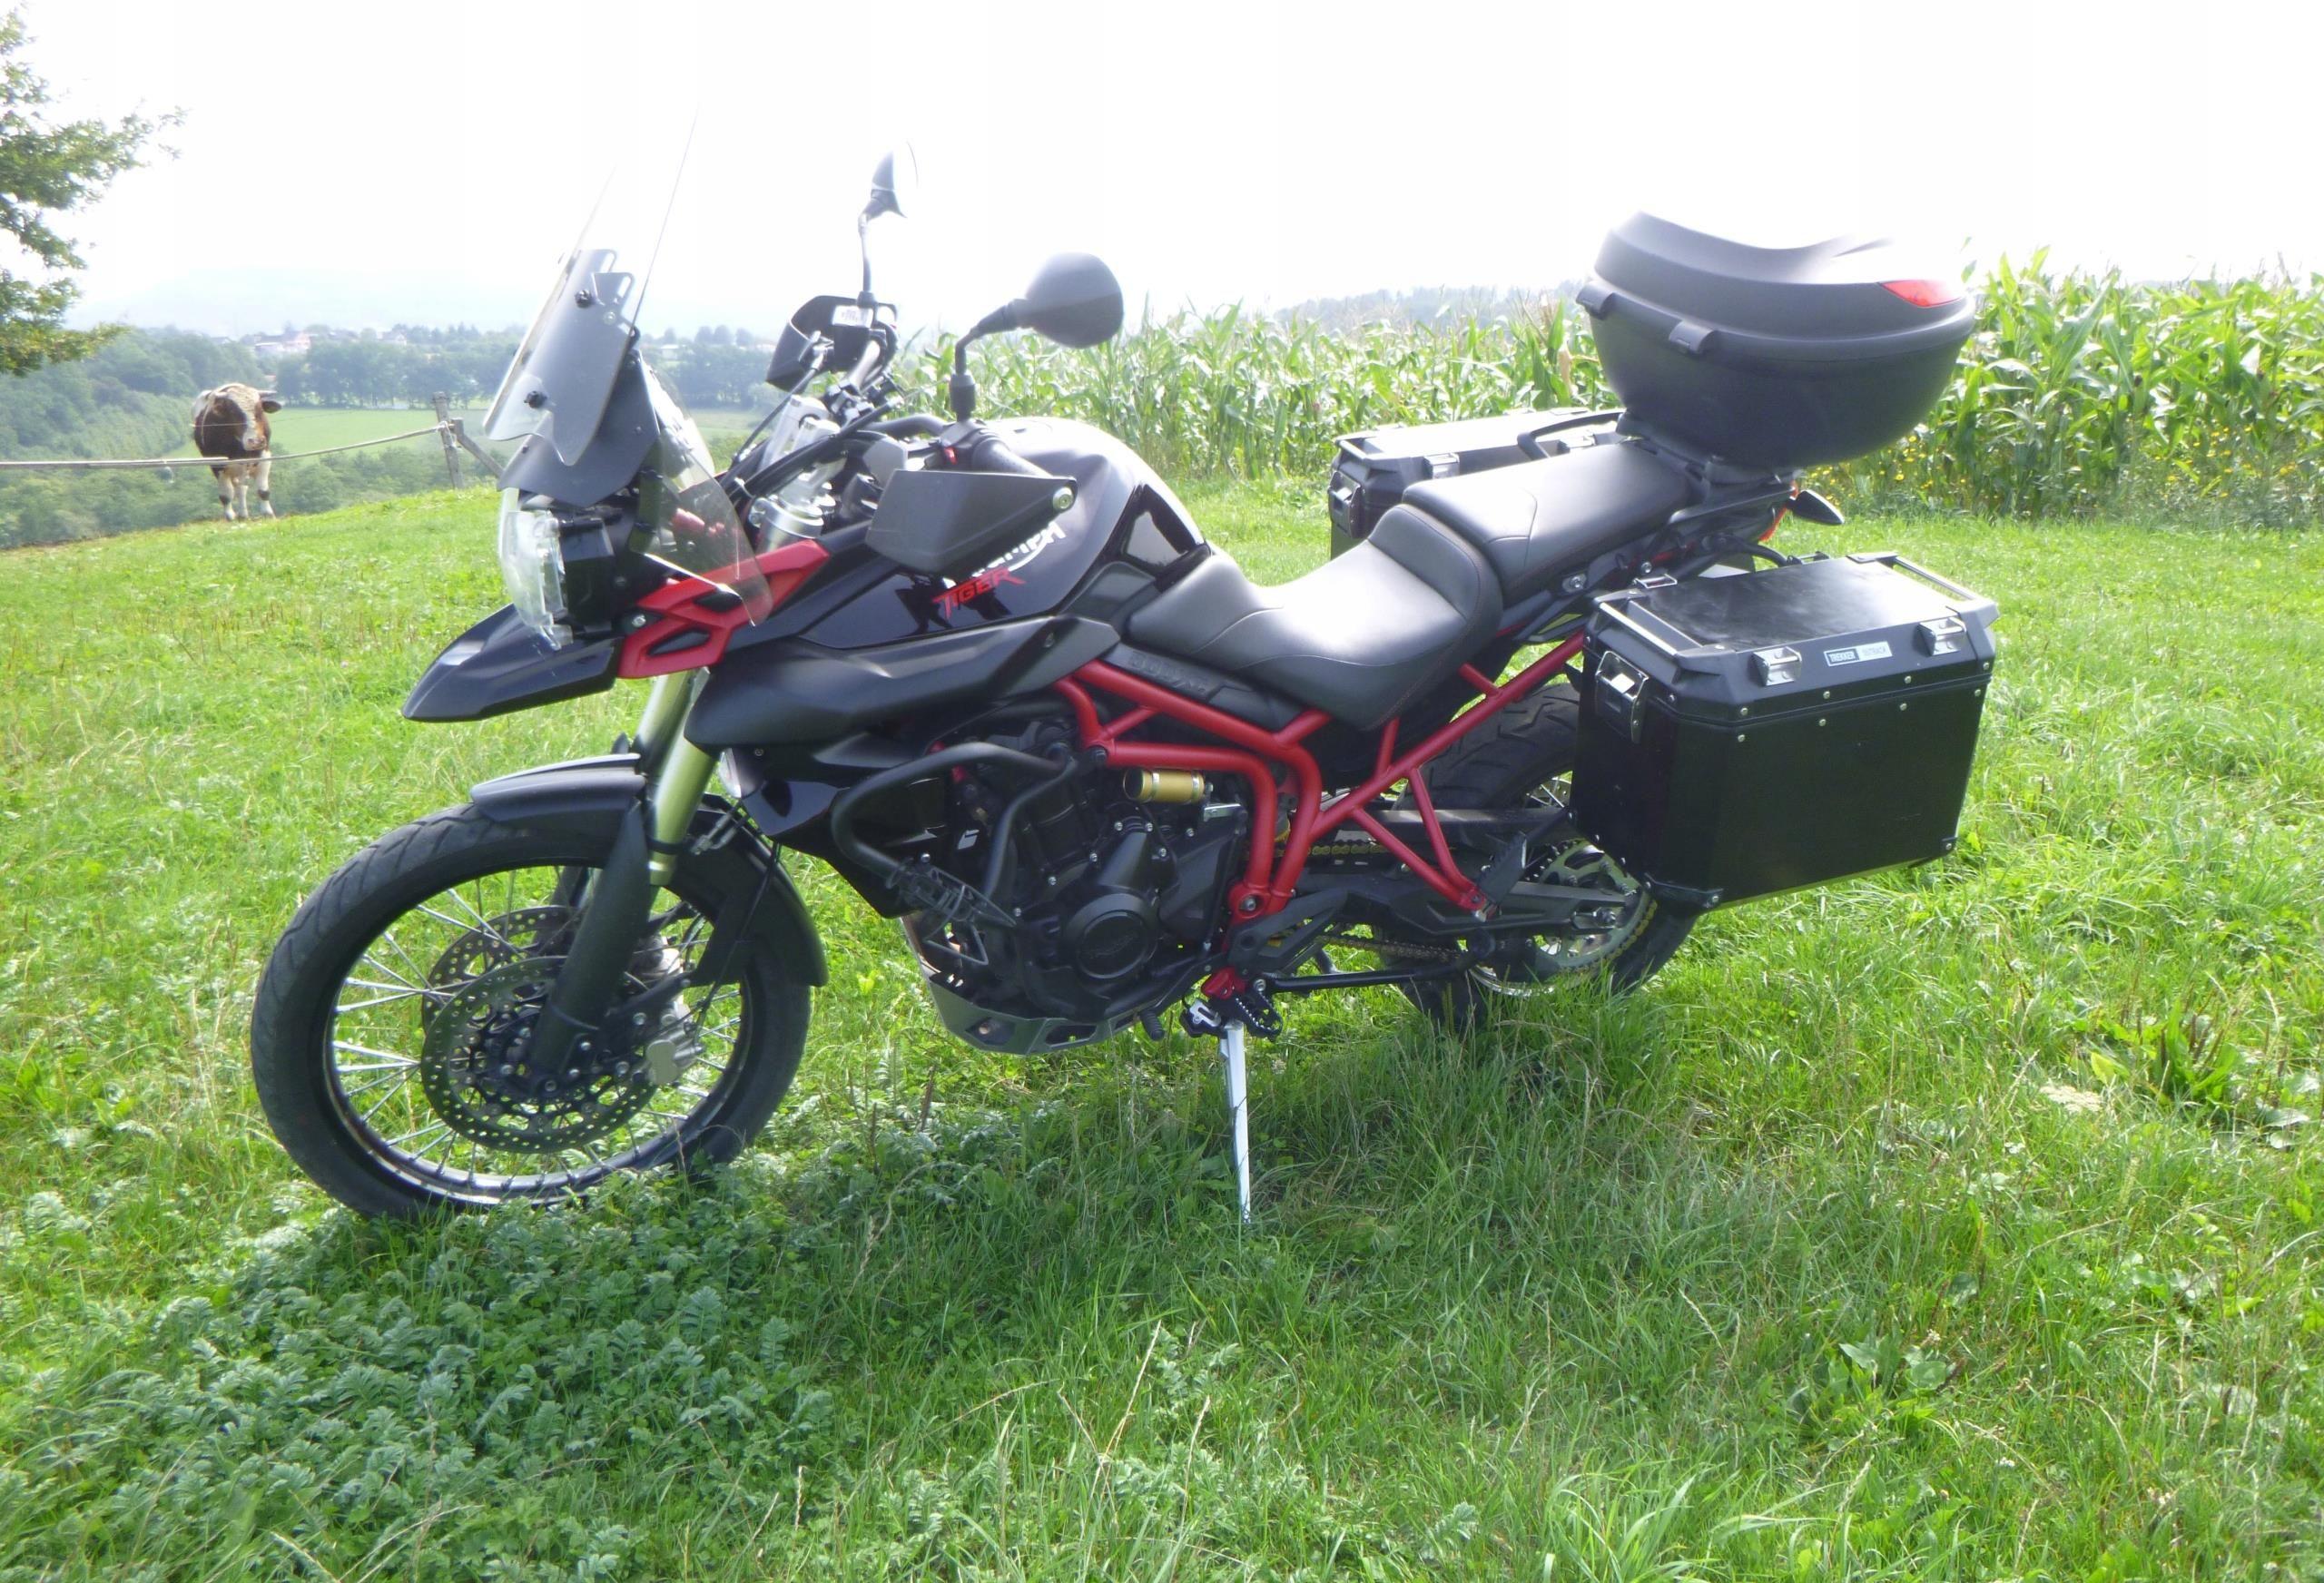 Motocykl Triumph Tiger 800 Xc Limited Opinie I Ceny Na Ceneo Pl